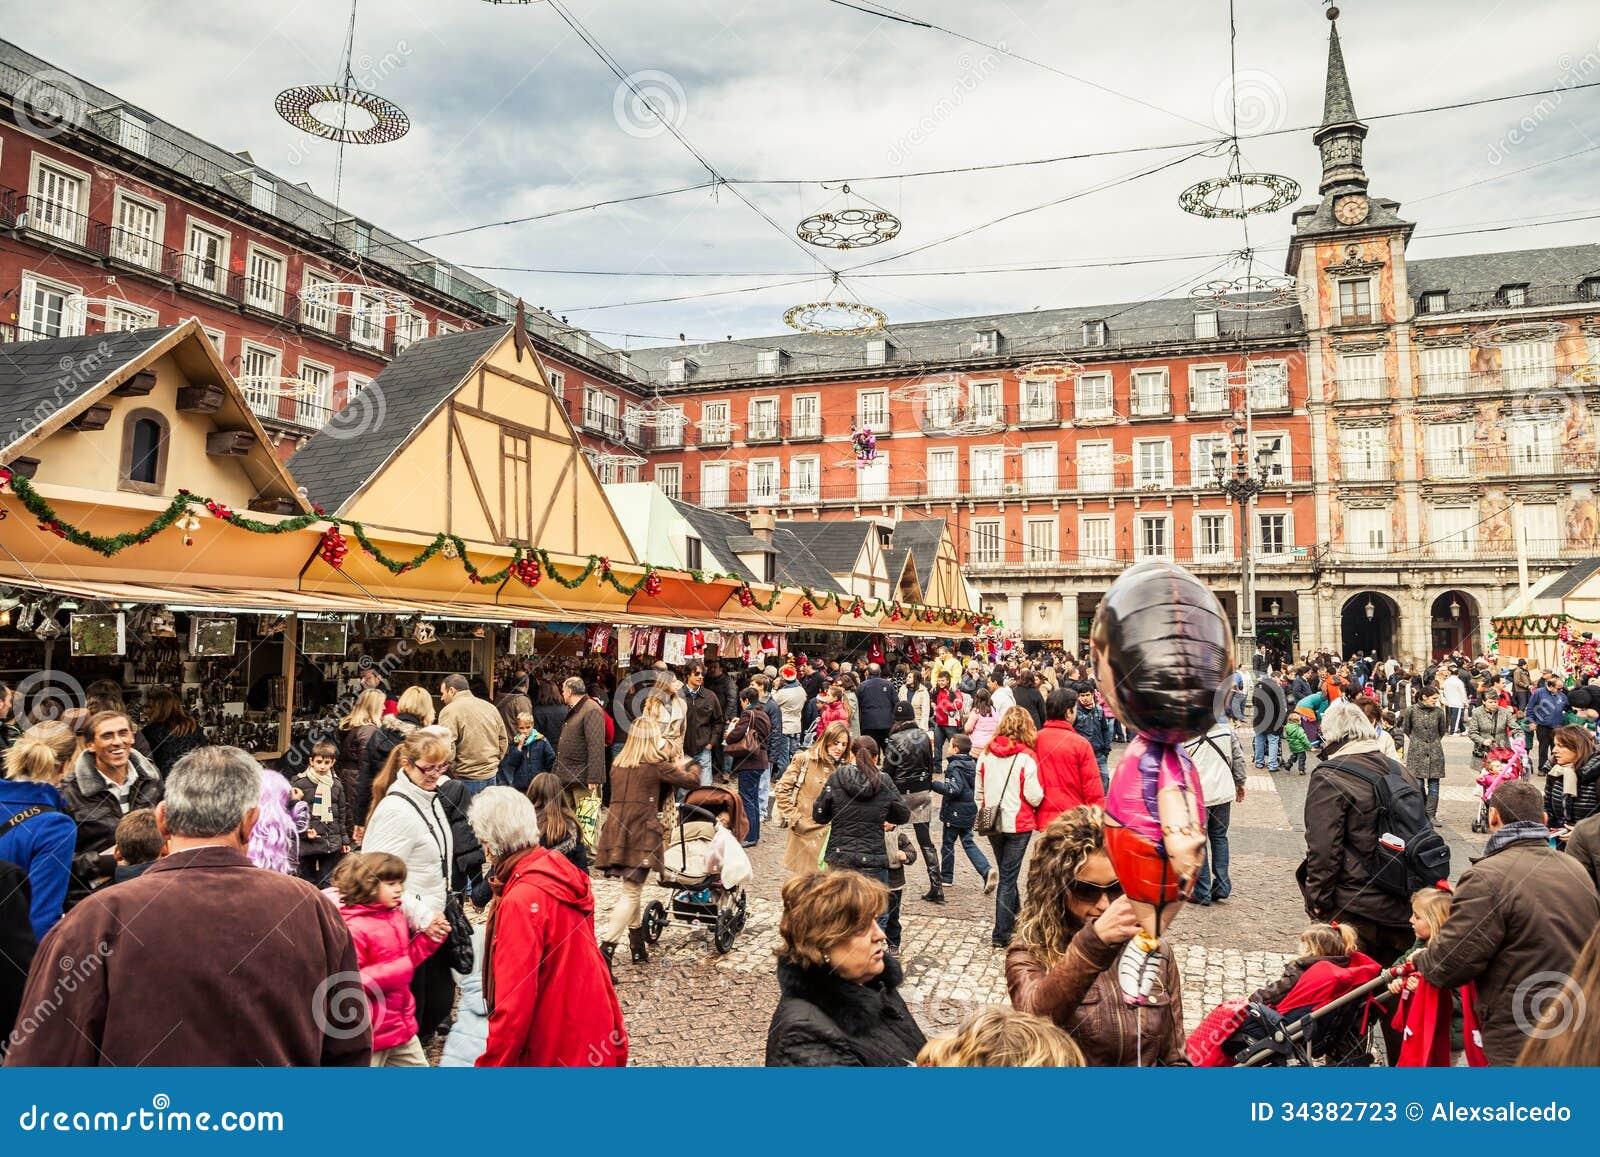 Piazza-Bürgermeister Auf Weihnachten Redaktionelles Stockfoto - Bild ...